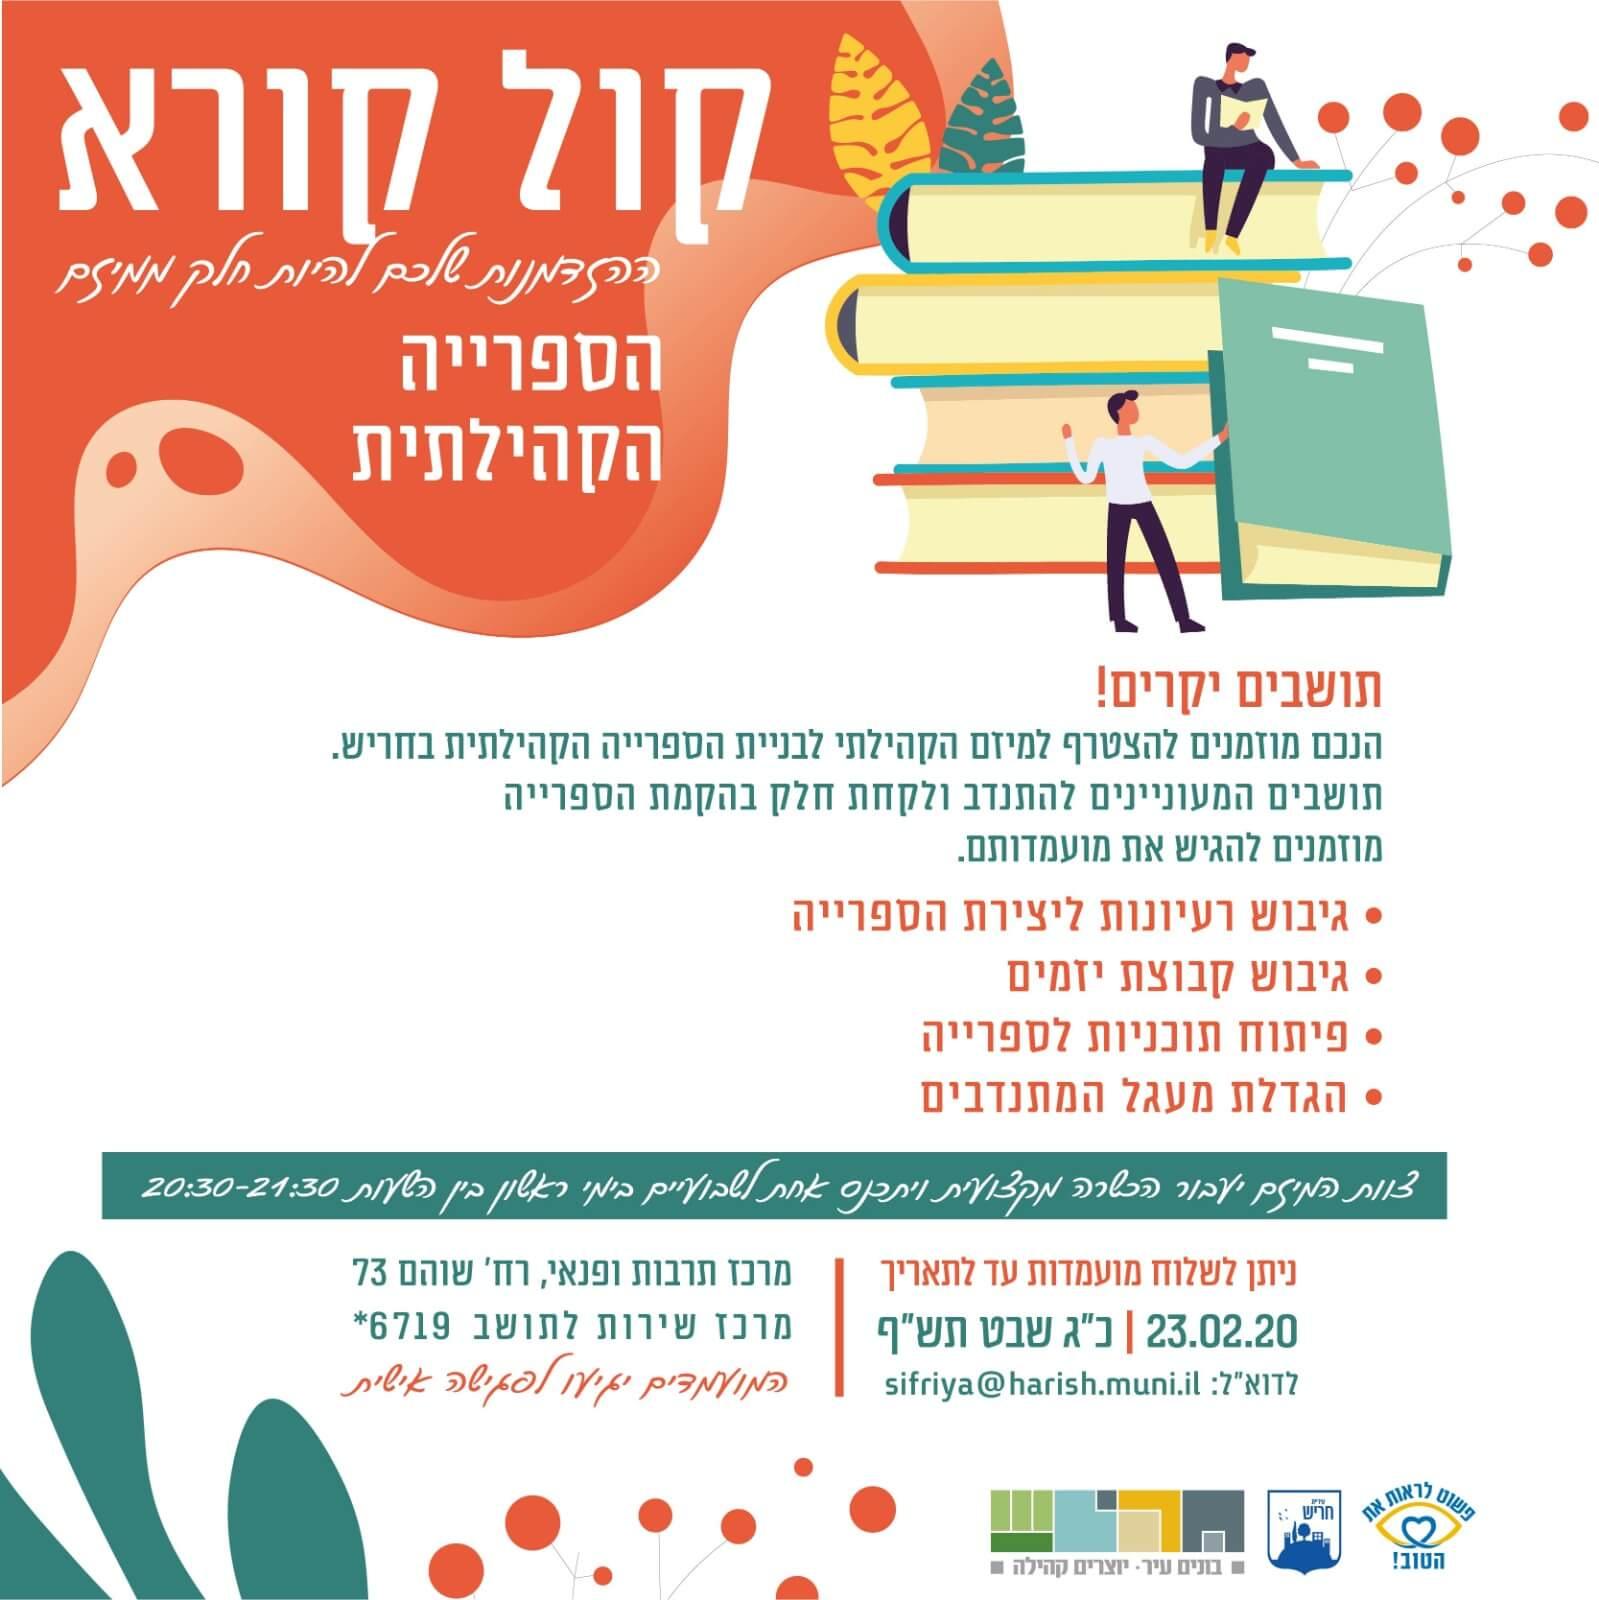 קול קורא - ספריה קהילתית בחריש